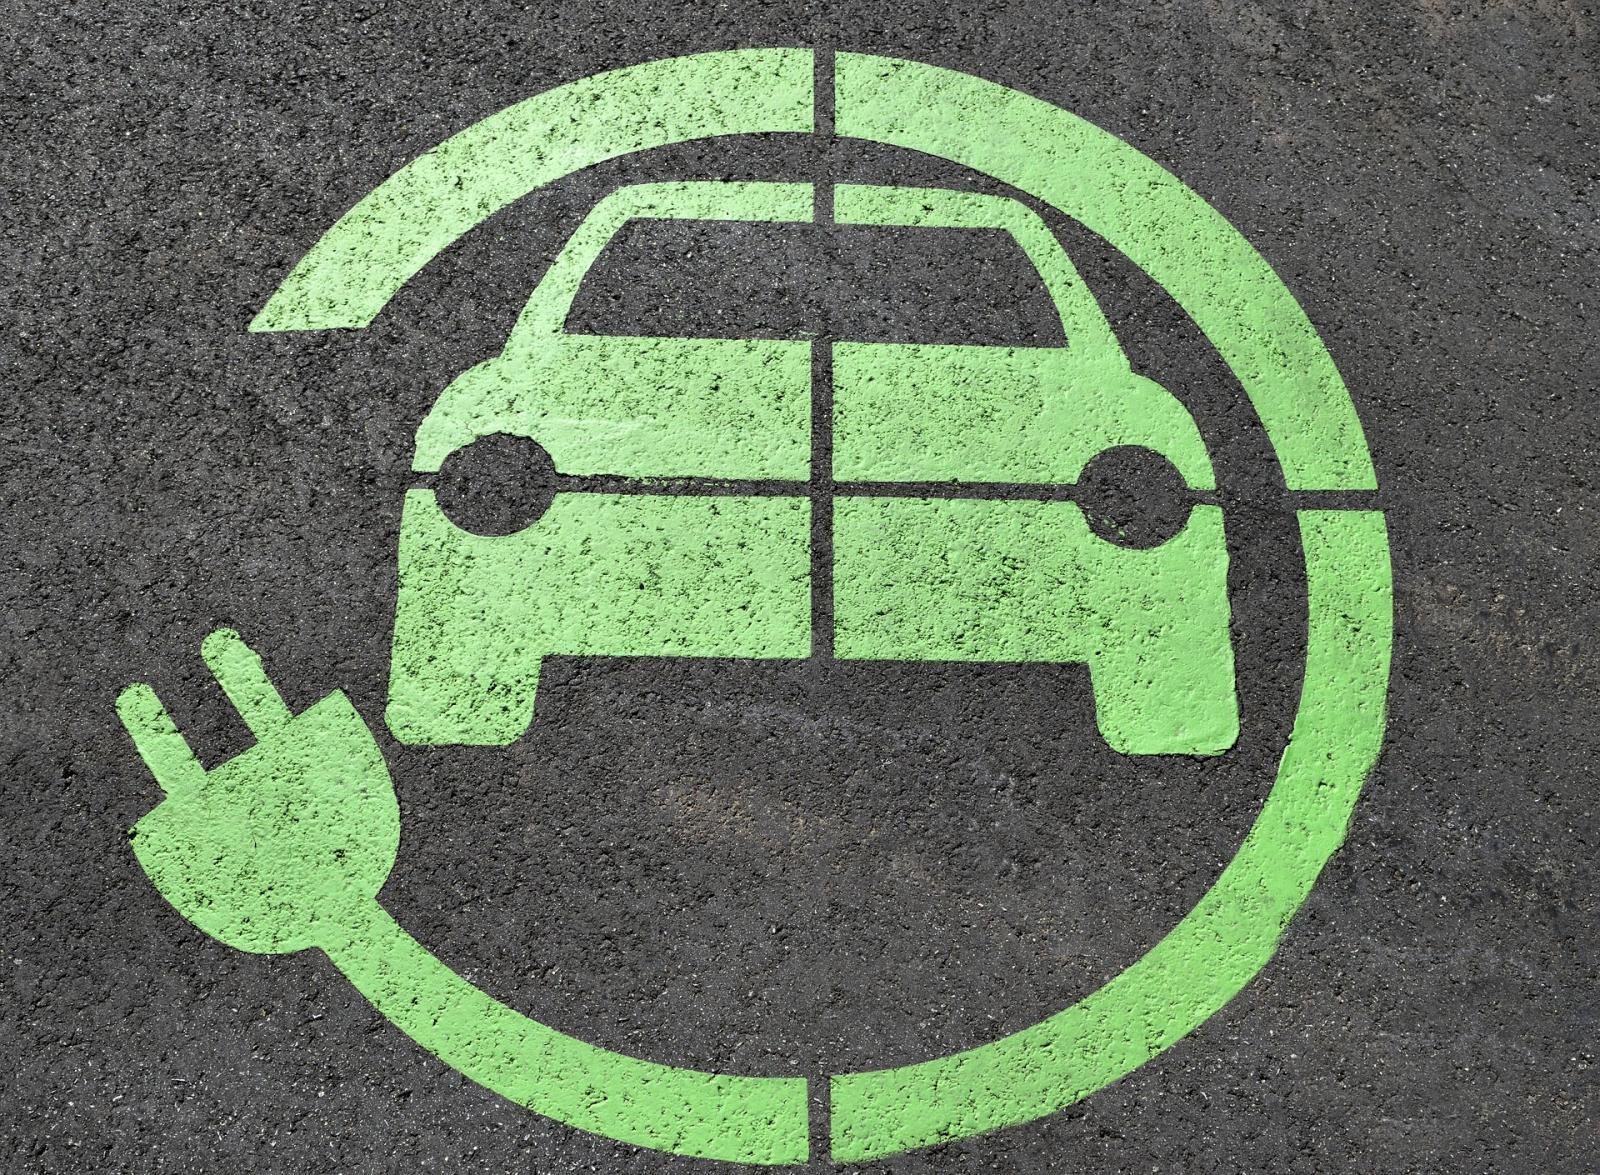 Aunque destacan los modelos eléctricos, también hay algunos híbridos y de gasolina que están entre los nominados